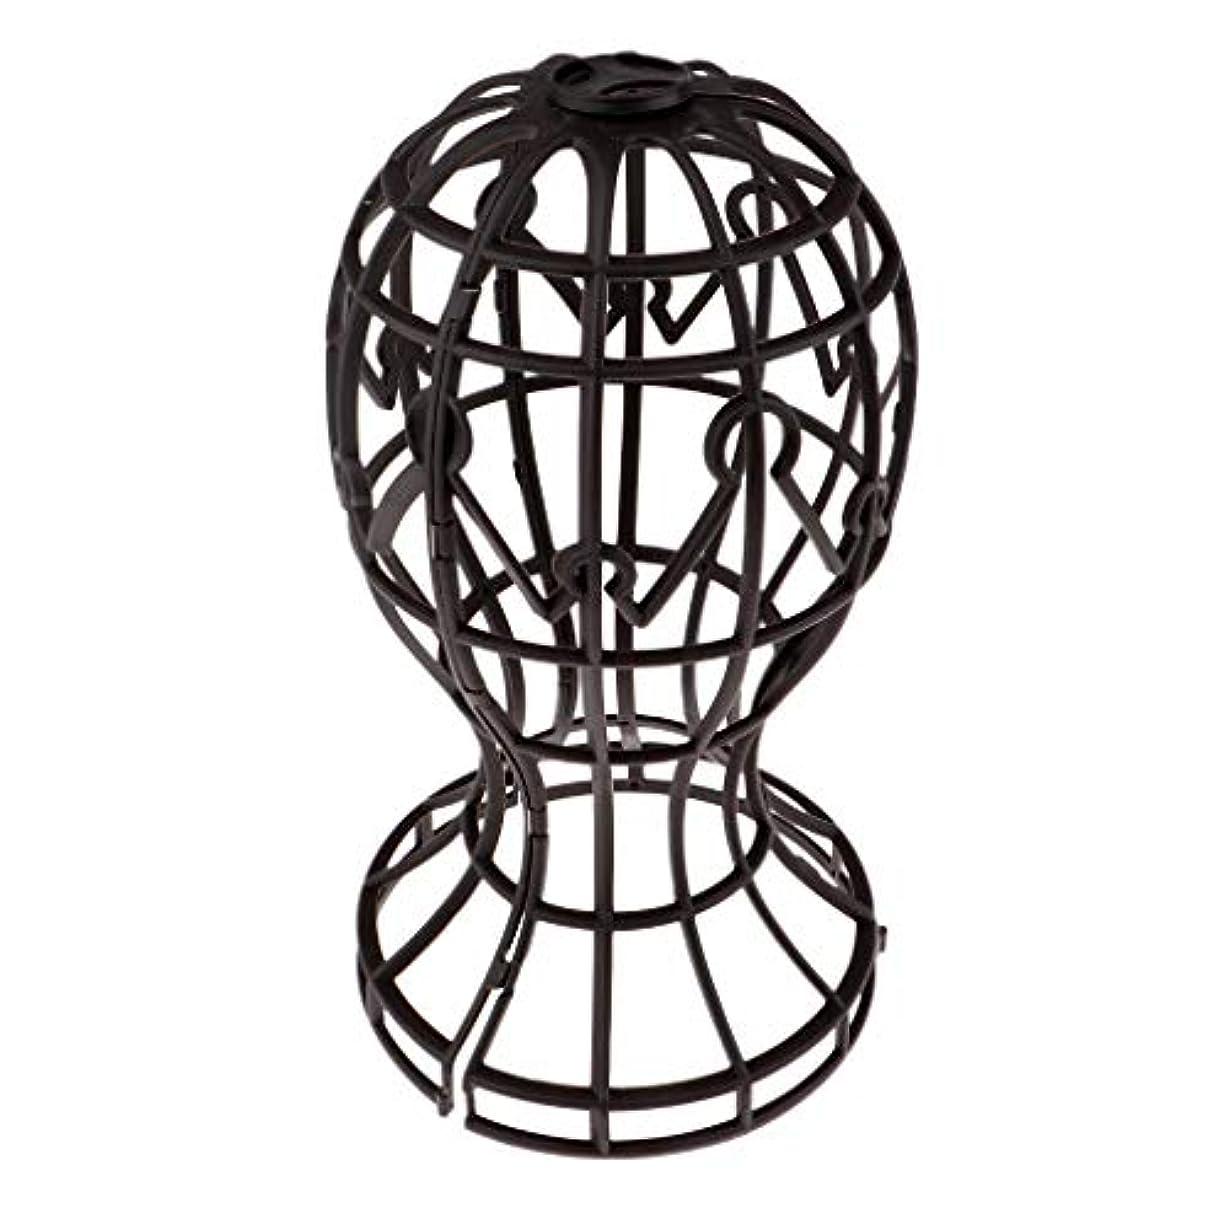 ホイスト戸惑う引数Sharplace かつらホルダー 髪型スタンド ウィッグスタンド 省スペース 帽子 ディスプレイ 高さ約31cm - ブラウン